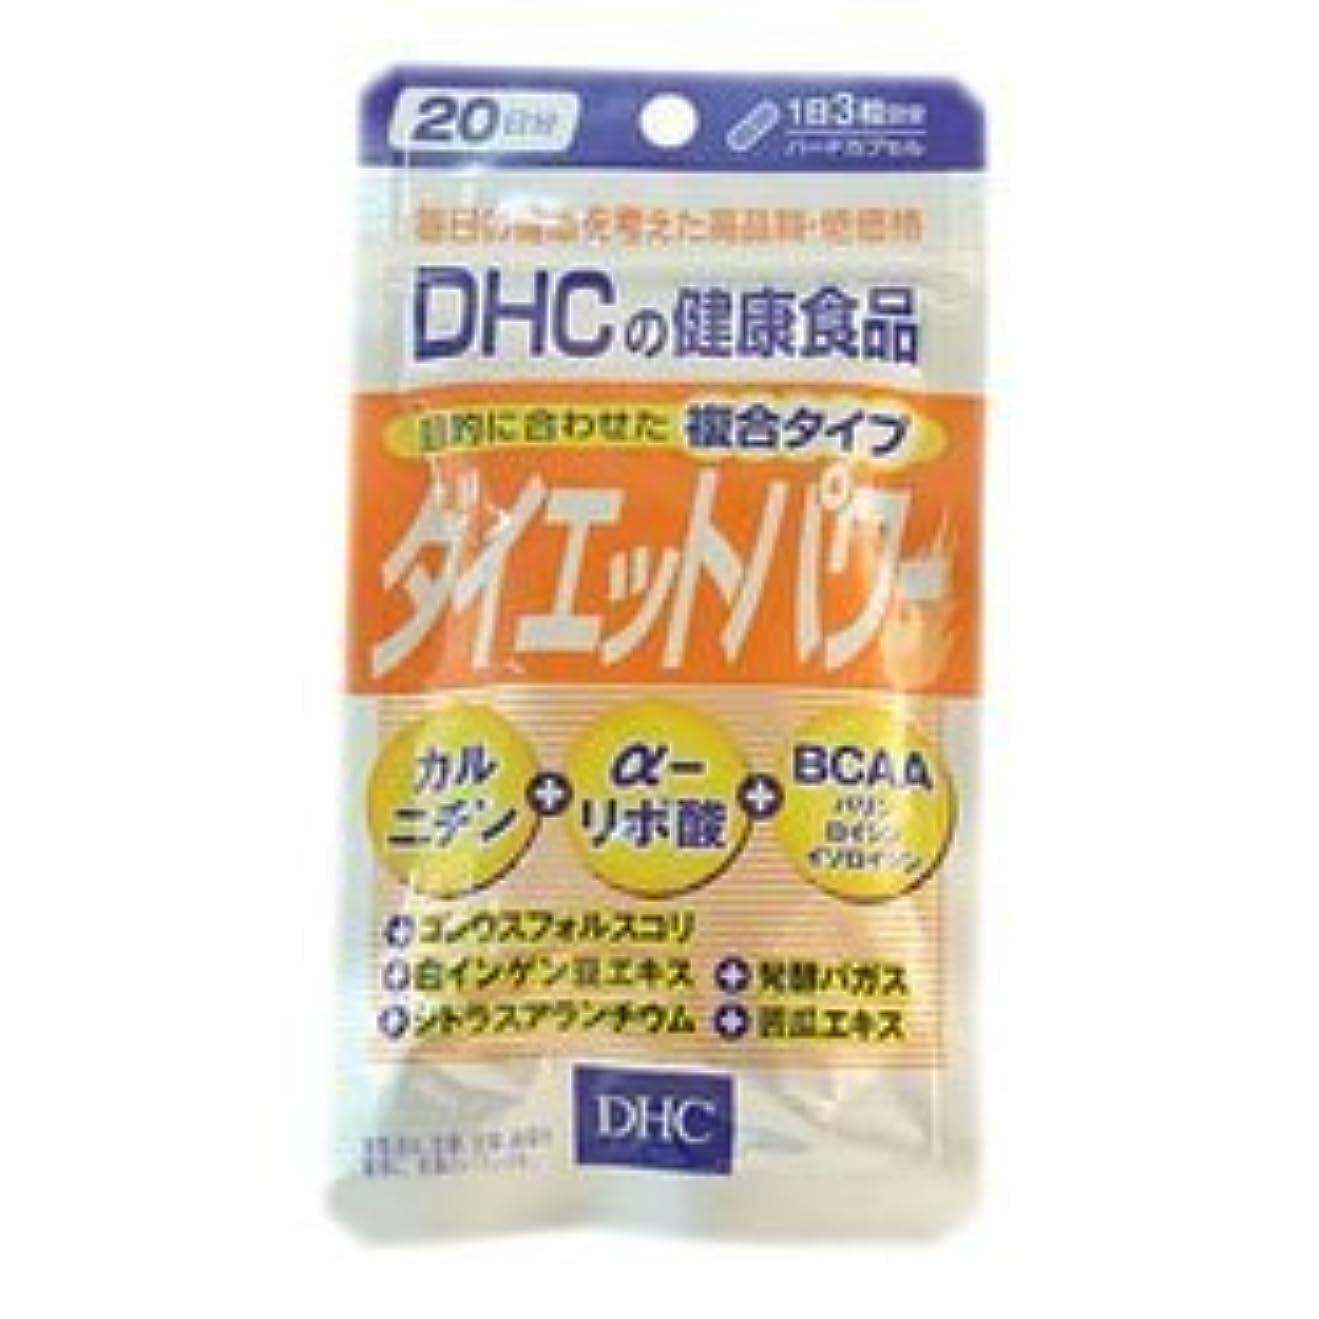 イルセーブ距離【DHC】ダイエットパワー 20日分 (60粒) ×20個セット